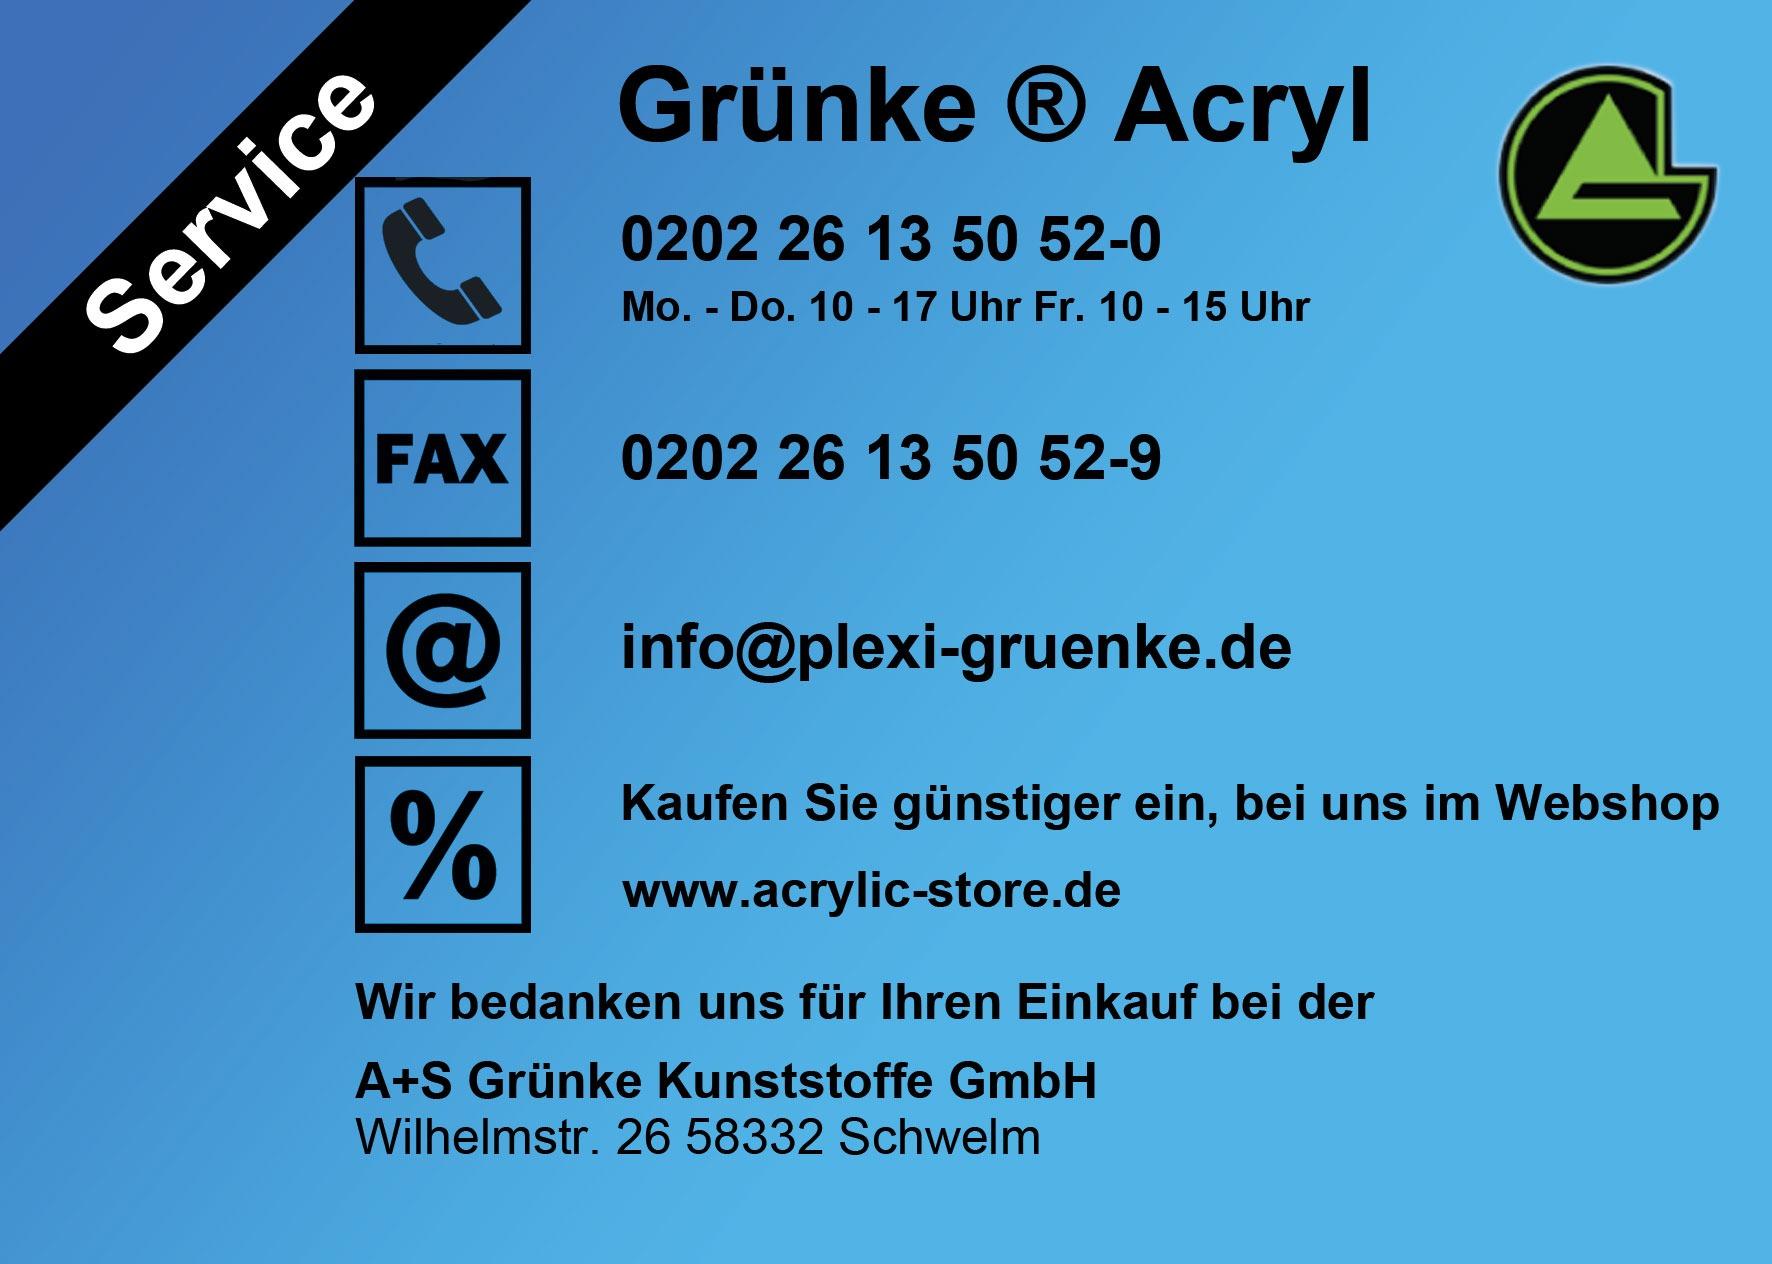 Grünke Acryl Service Flyer Seite 1 www.acrylic-store.de